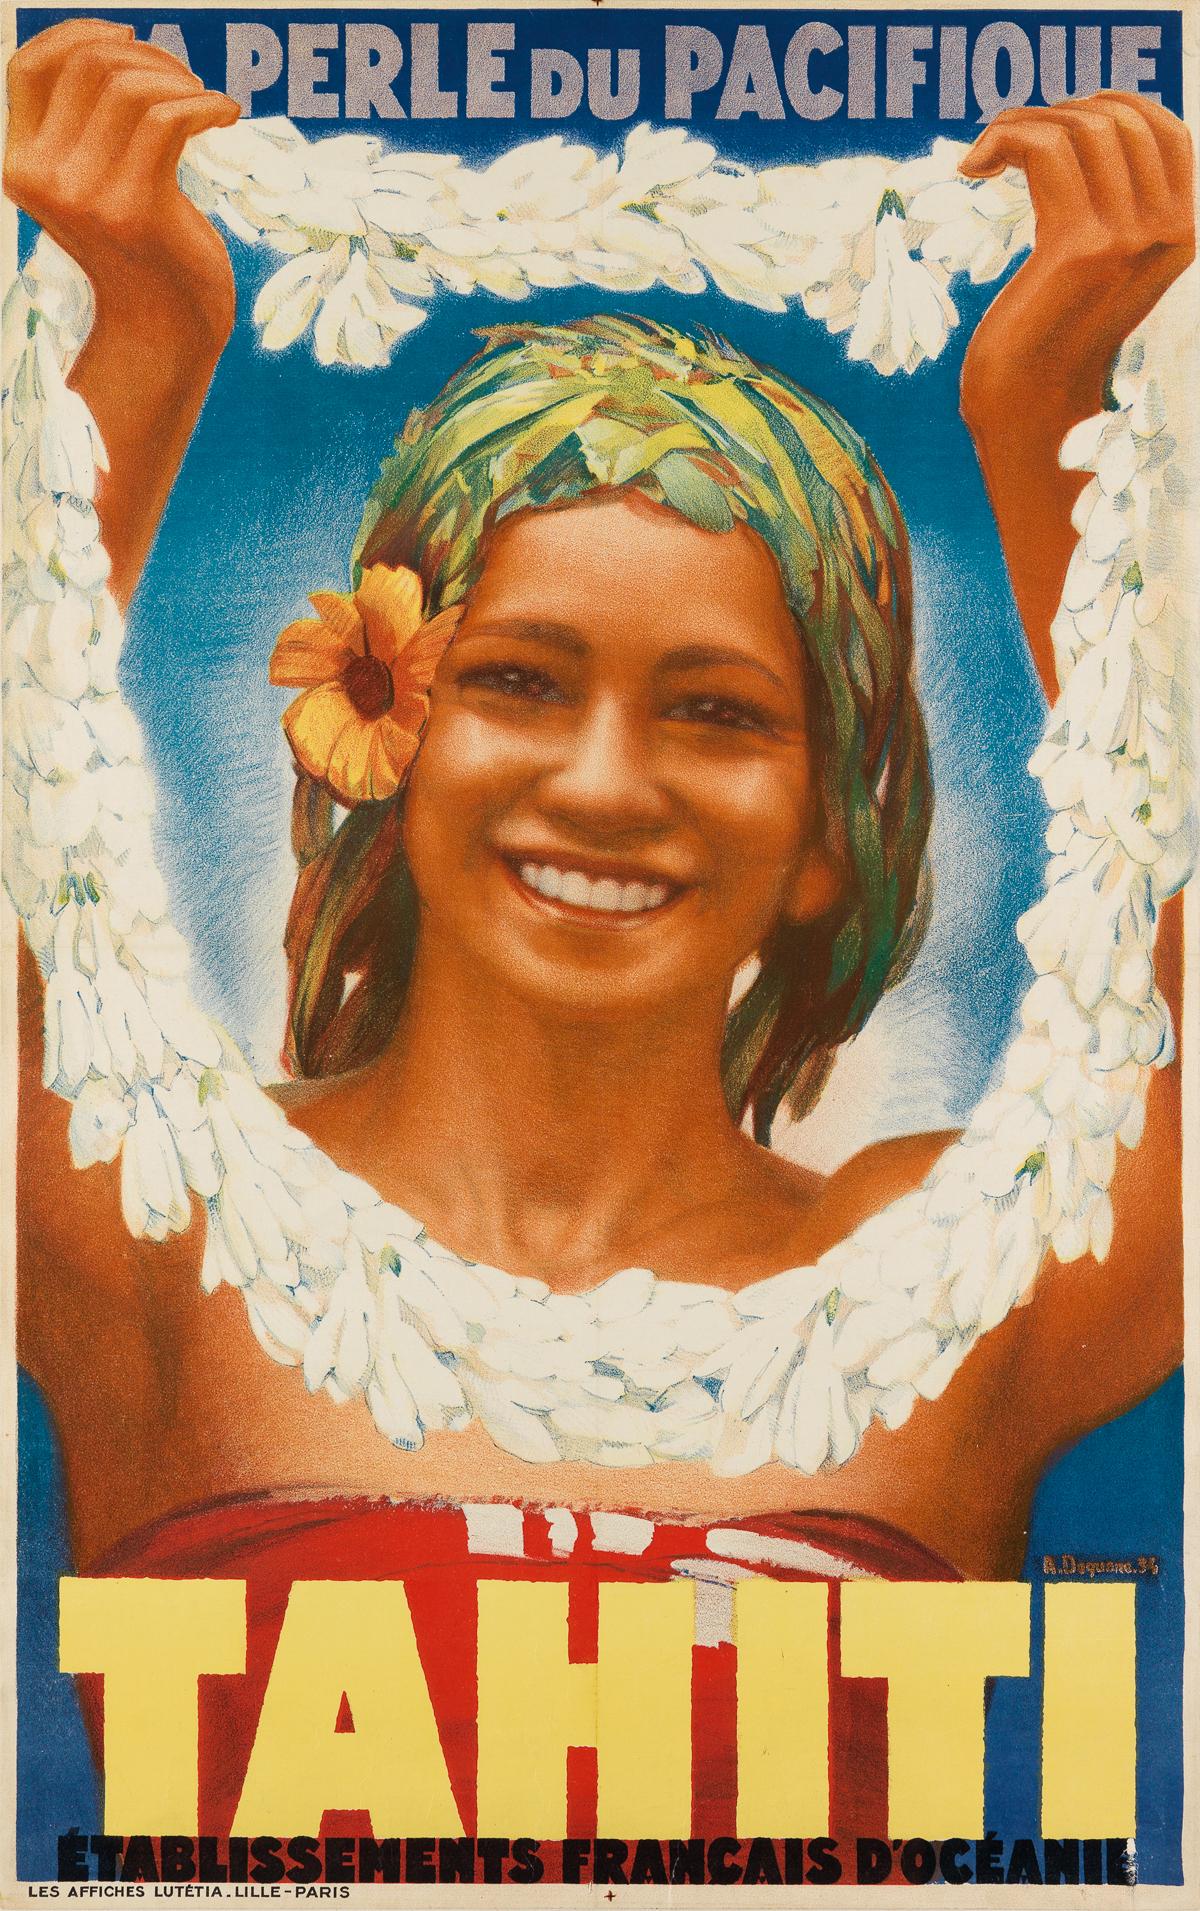 ALBERT-DEQUENE-(1897-1973)-TAHITI--LA-PERLE-DU-PACIFIQUE-1934-39x24-inches-99x63-cm-Les-Affiches-Lutétia-Paris